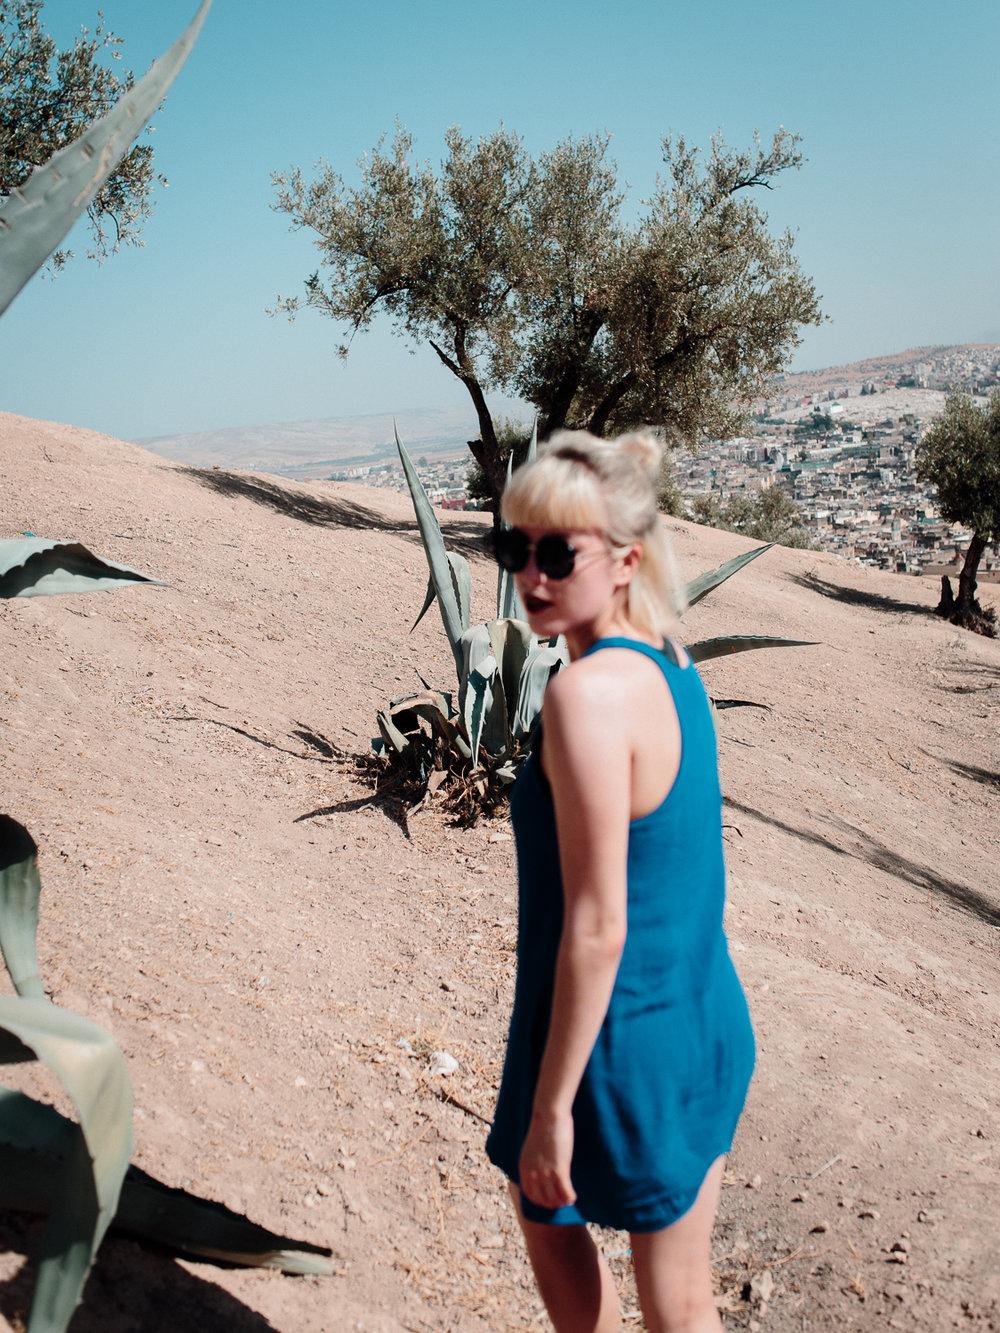 Matkailu-Marokko-valokuvaus-4.jpg